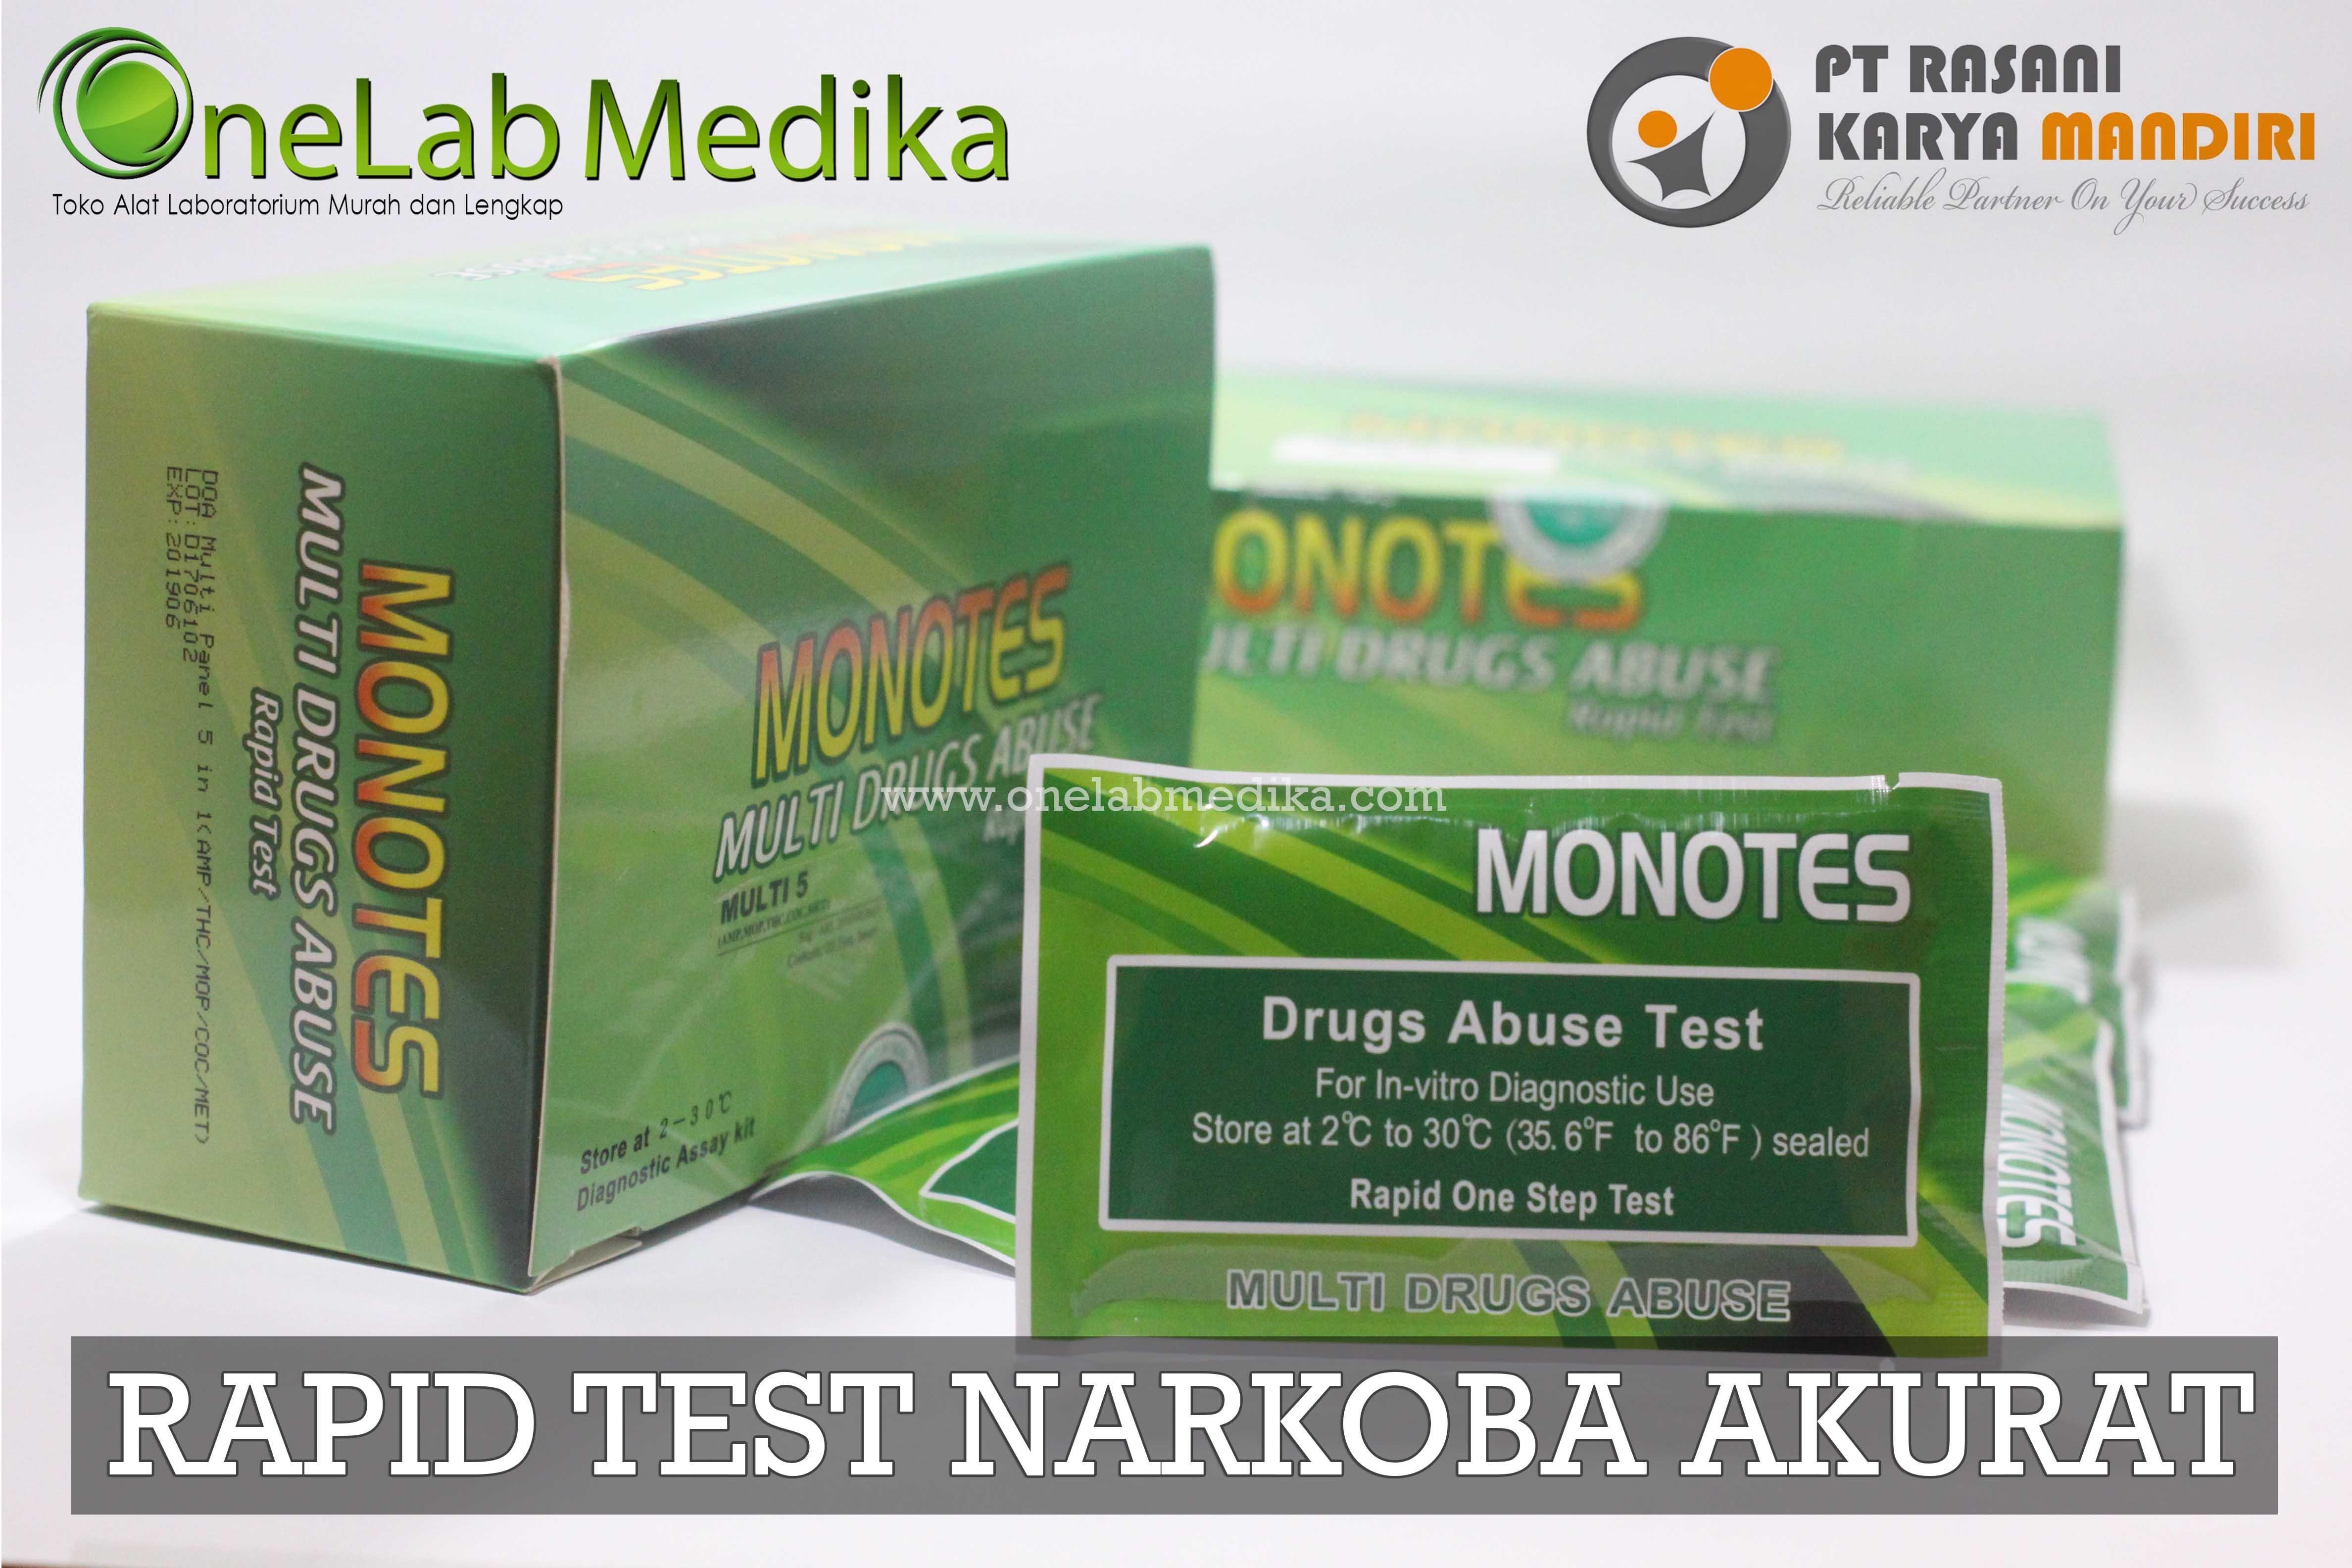 Toko Jual Rapid Test Murah Akurat Onelab Medika Alat Strip Tes Narkoba Thc Ganja Marijuana Device Merk Abon Hbsag Harga